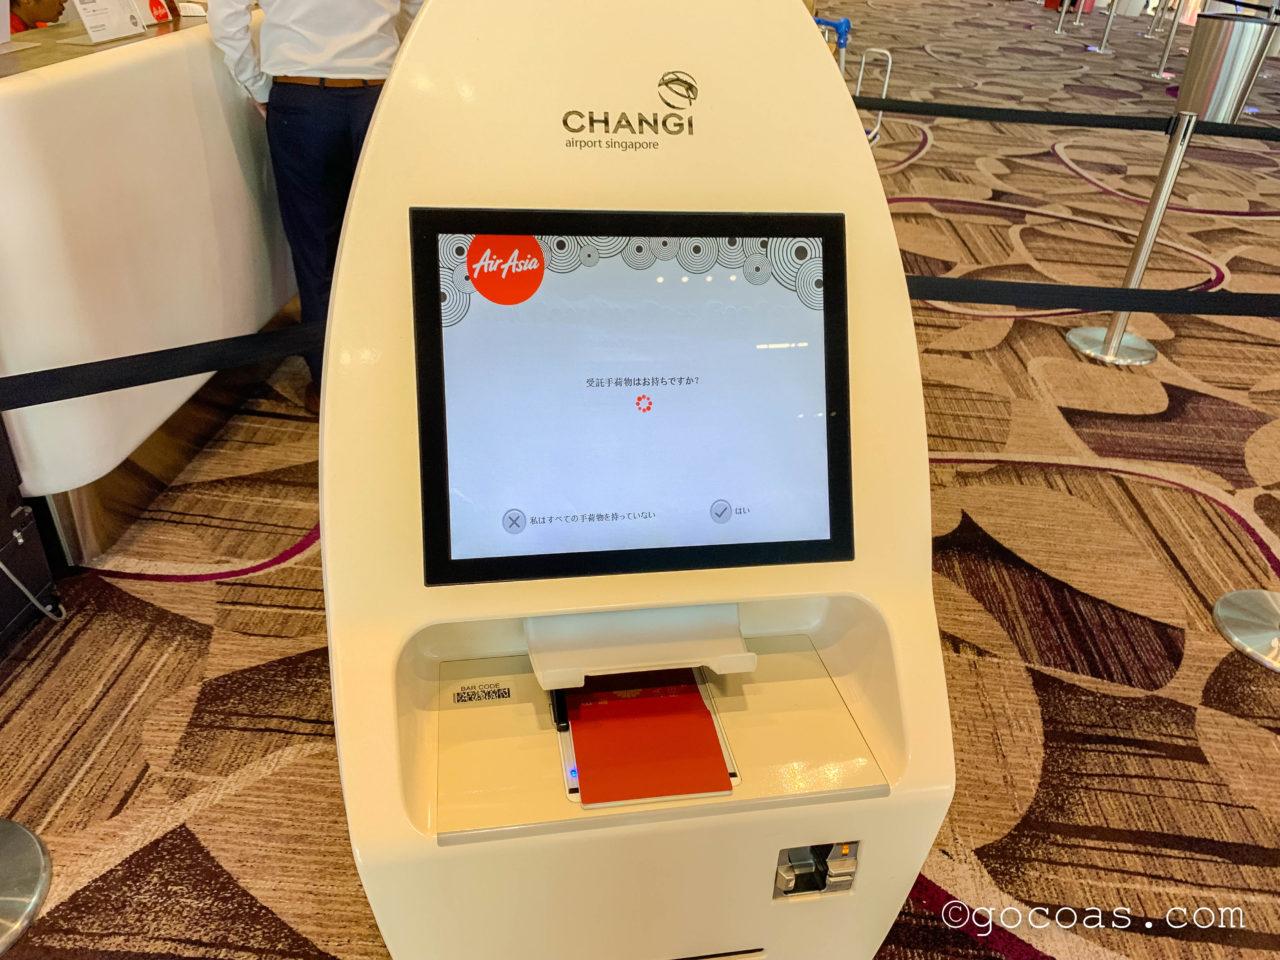 シンガポール・チャンギ国際空港自動チェックイン受付画面